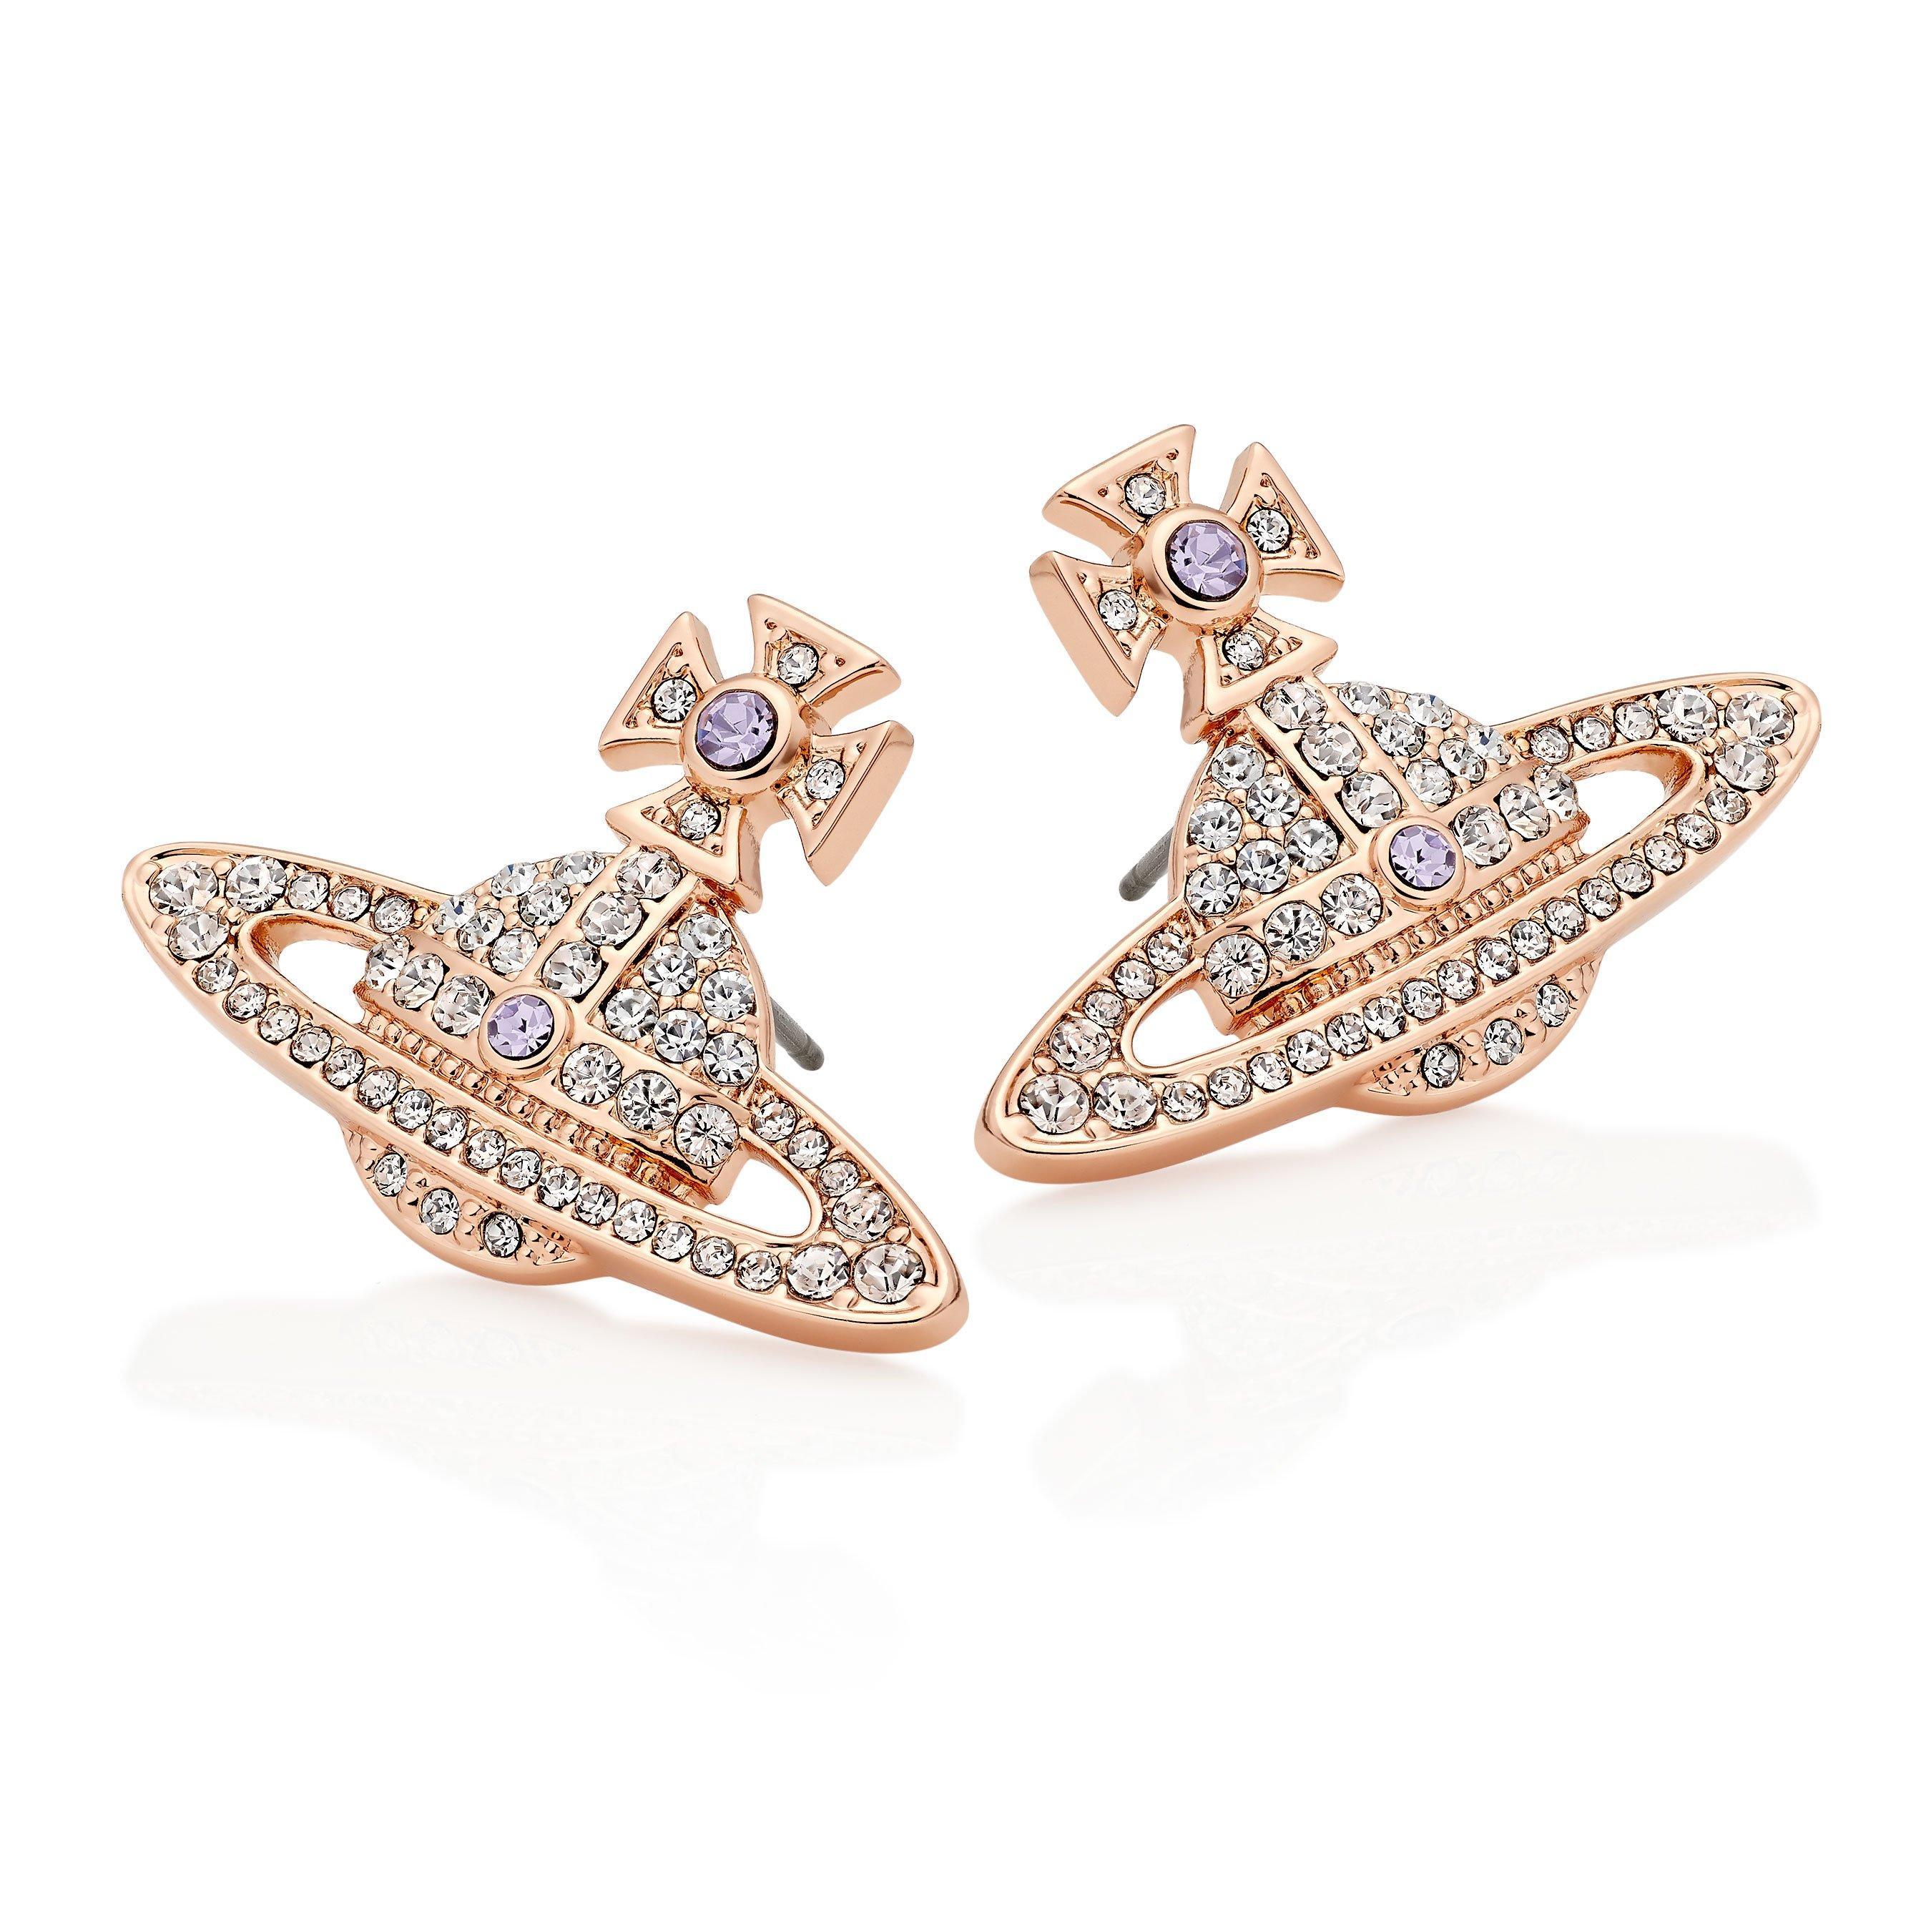 Vivienne Westwood Kika Rose Gold Tone Orb Earrings